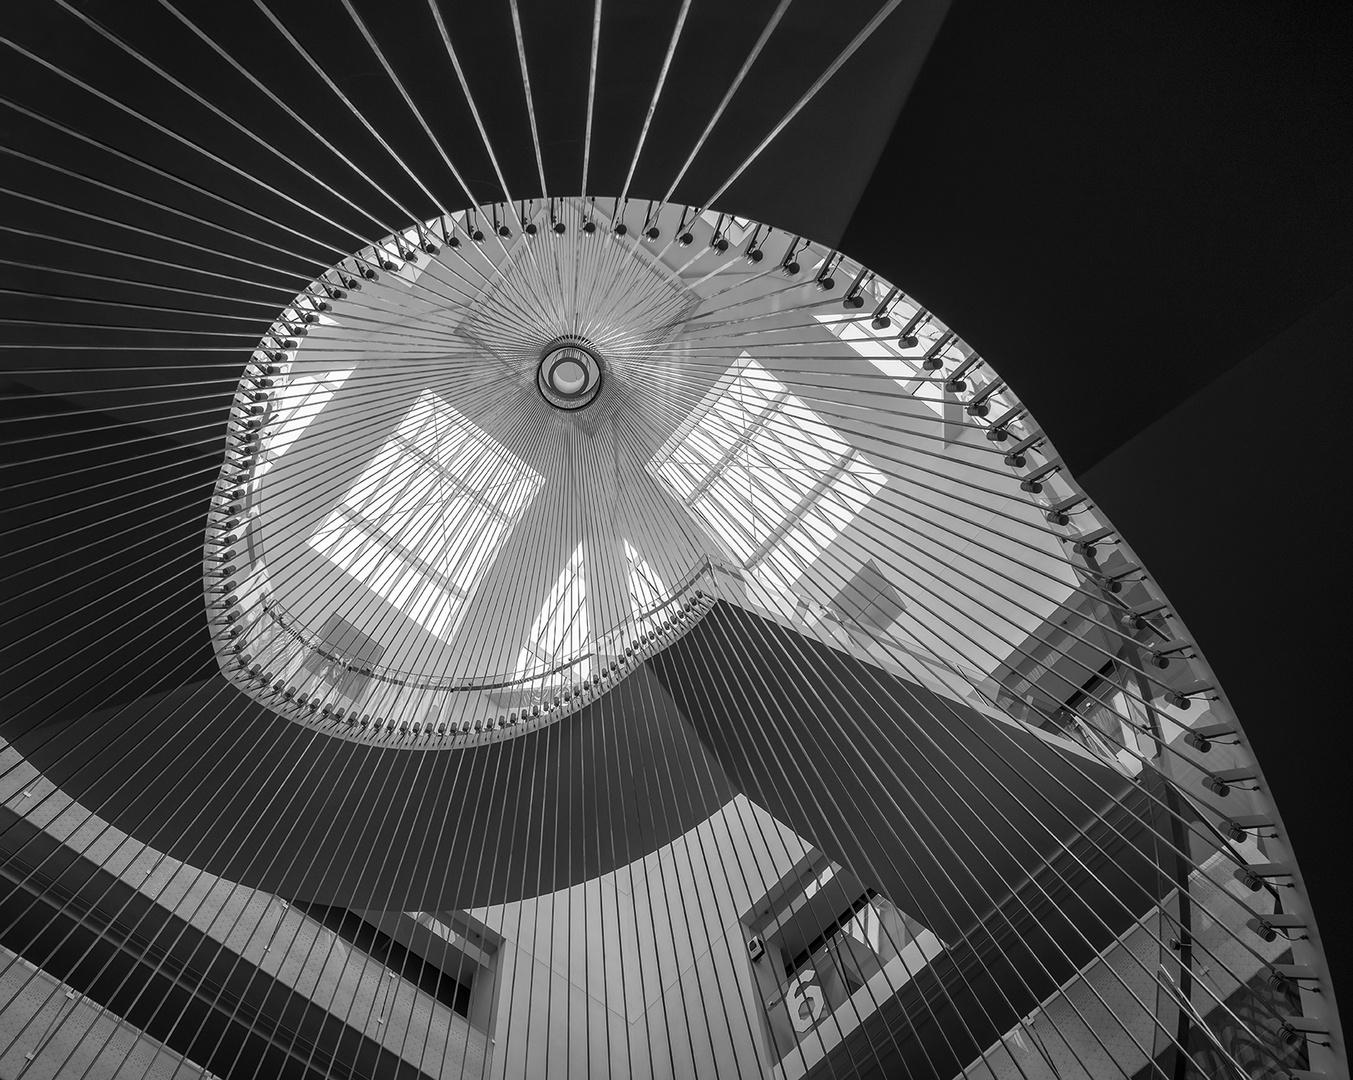 Treppenhaus architektur detail  3342R Treppenhaus Detail Nationalbibliothek Universität Strassburg ...